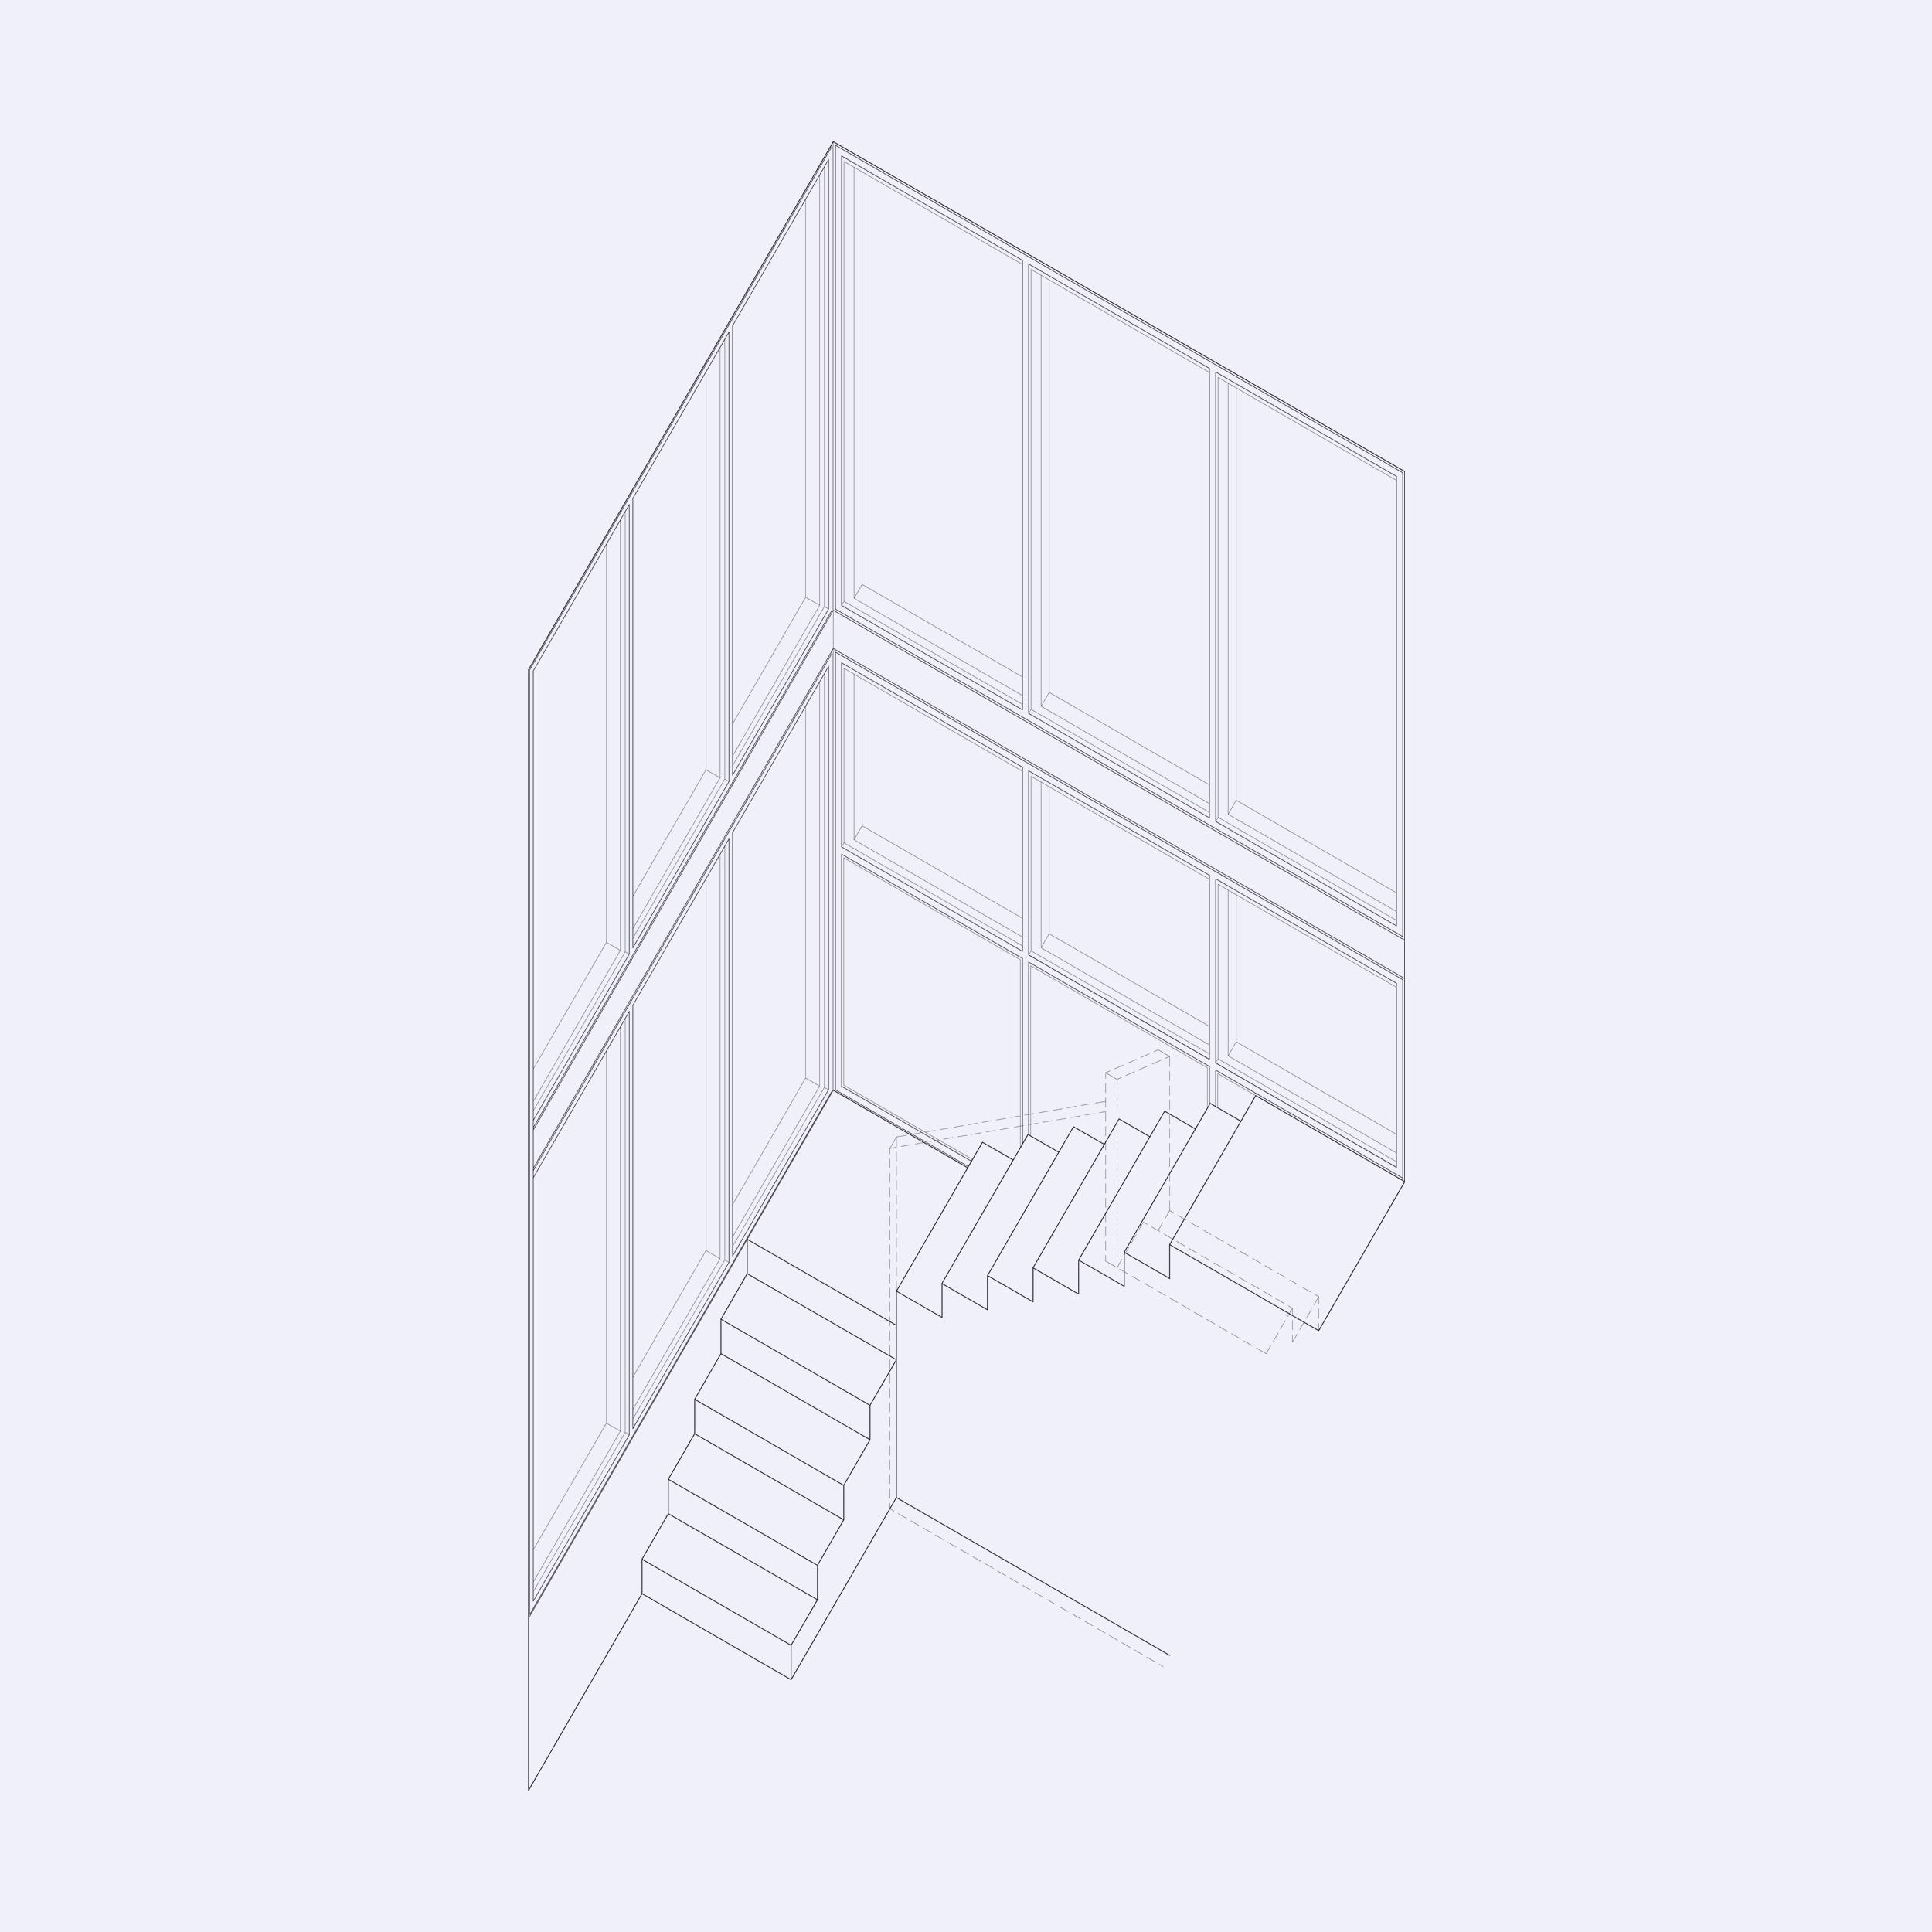 13_Stair iso.jpg